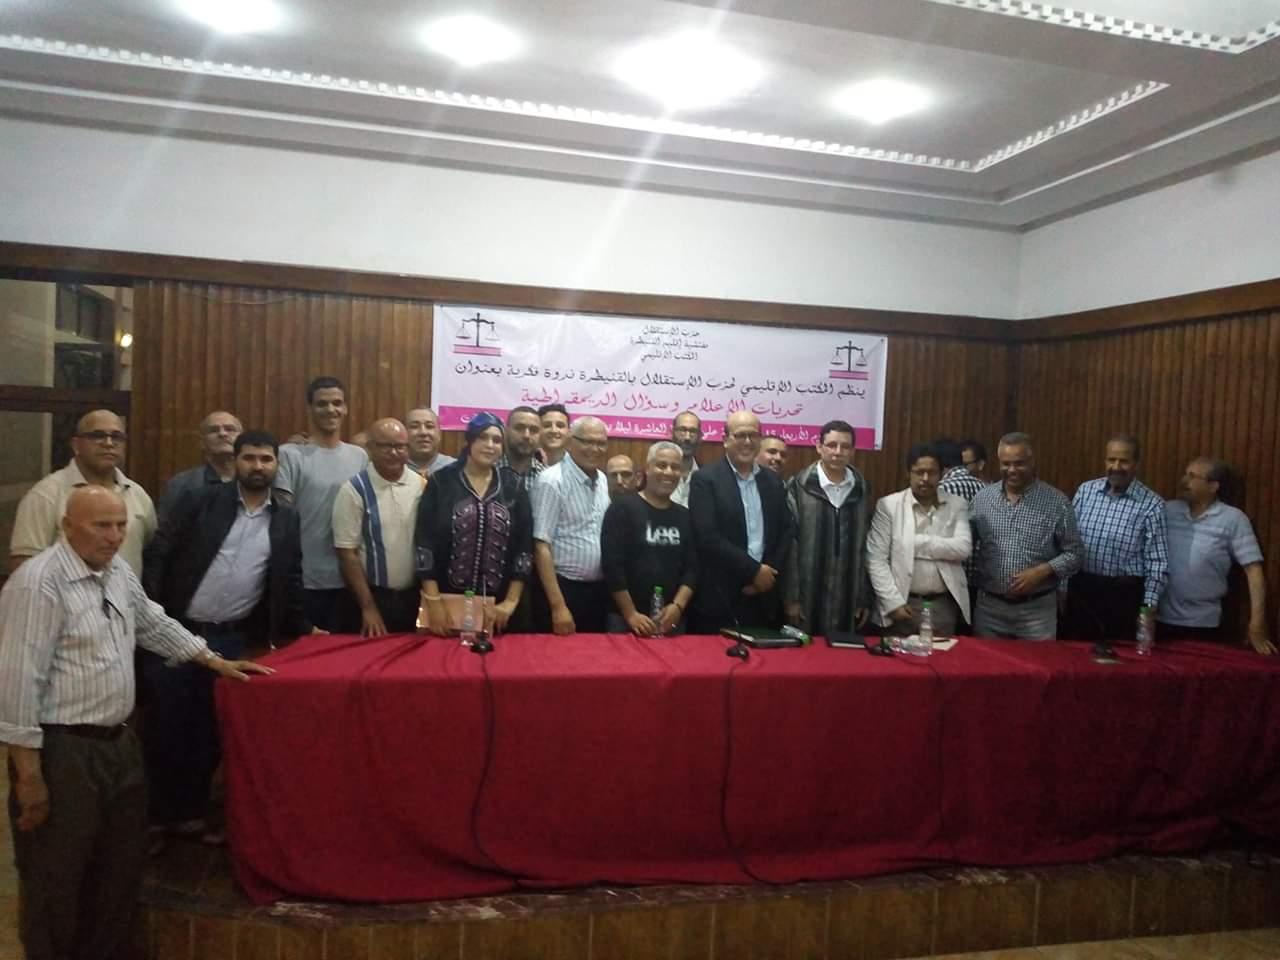 الأخ جمال حجام: المجتمع المغربي يعيش أزمة ثقة تجاه إعلام عمومي لا يملك سلطة مؤثرة